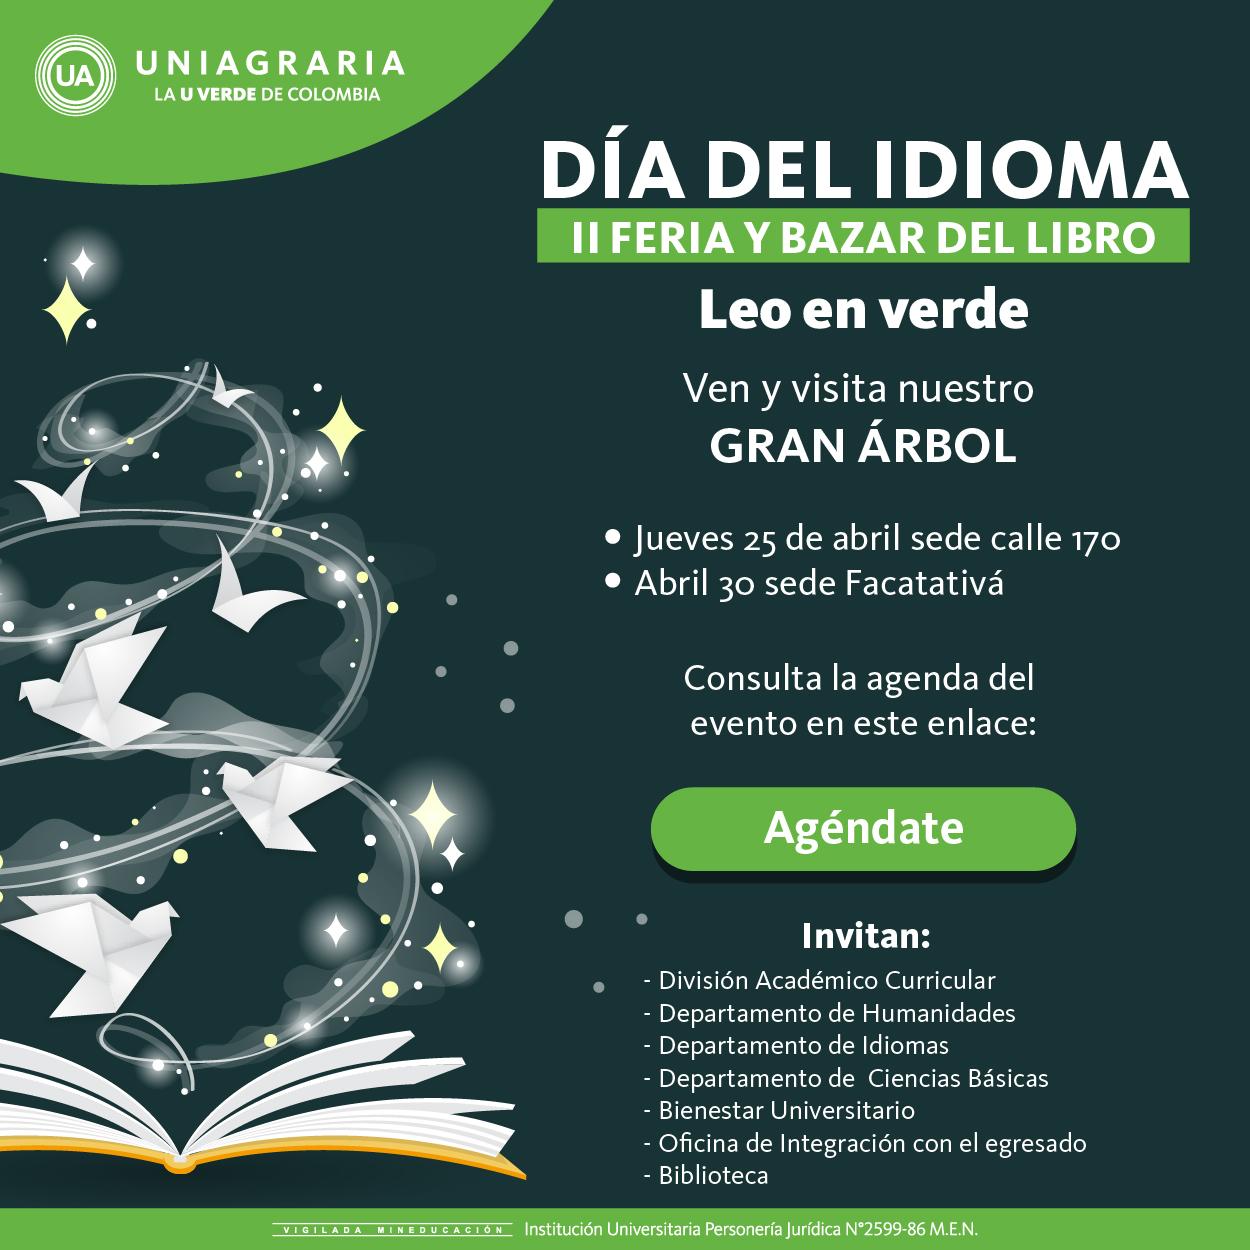 DÍA DEL IDIOMA II FERIA Y BAZAR DEL LIBRO